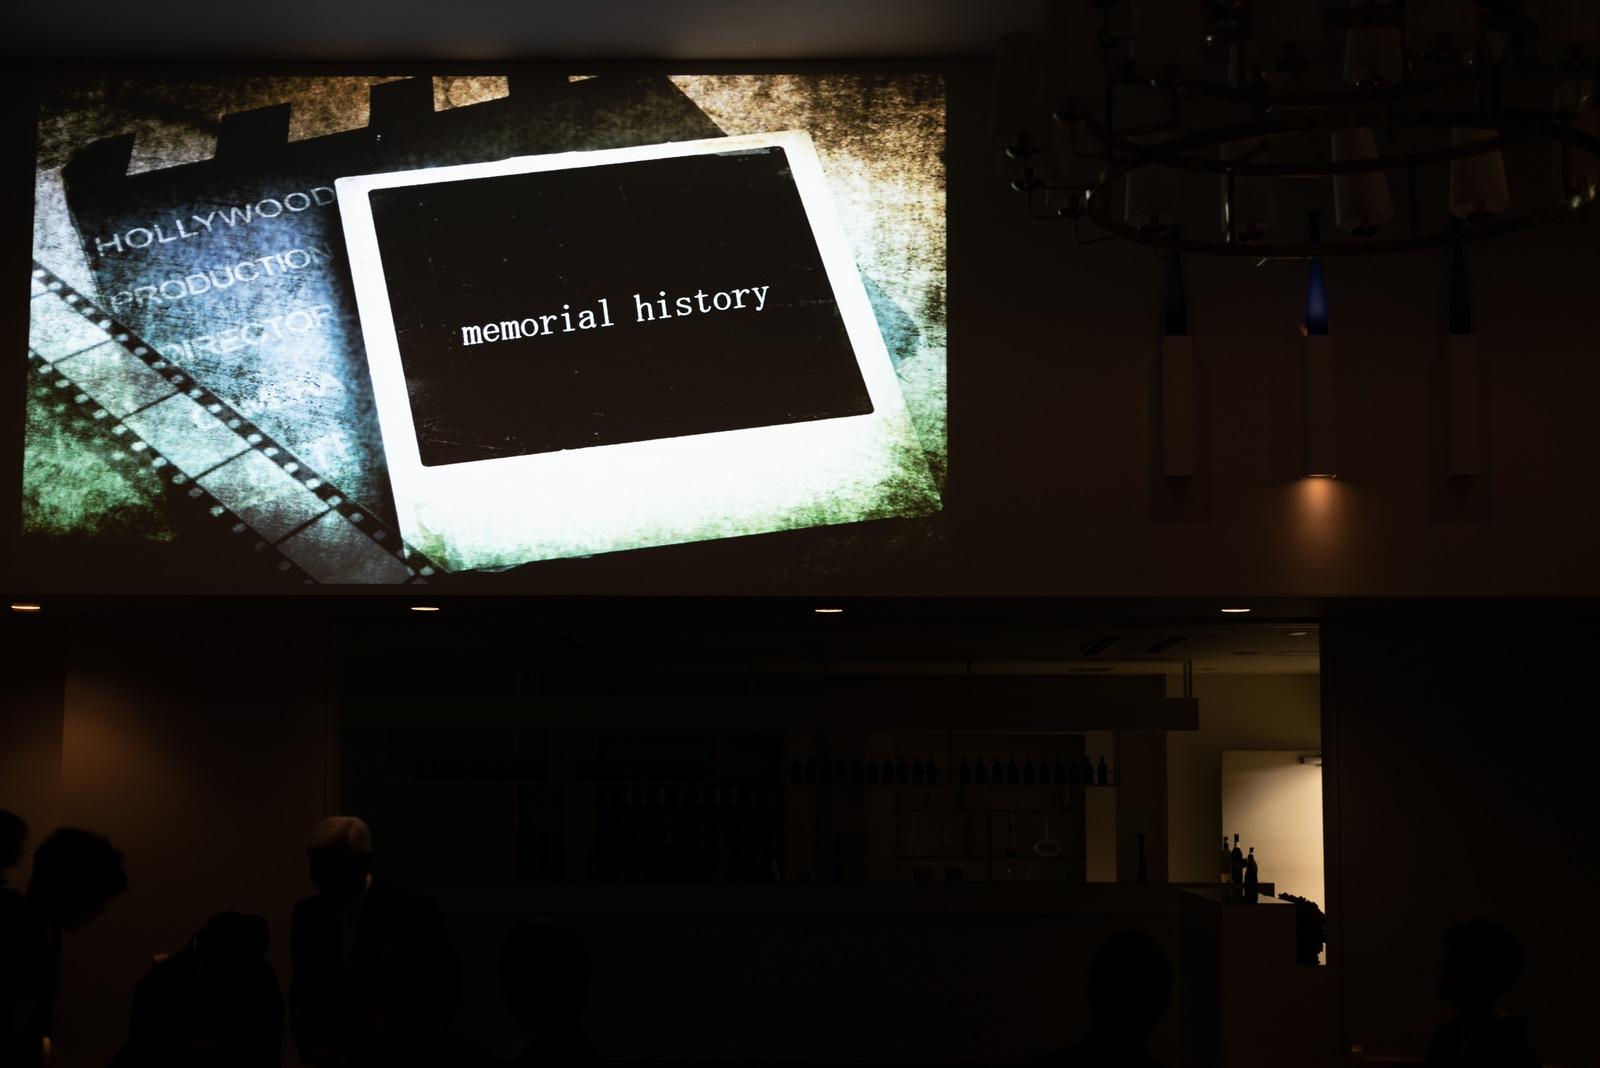 香川県の結婚式場シェルエメール&アイスタイル 生い立ち映像